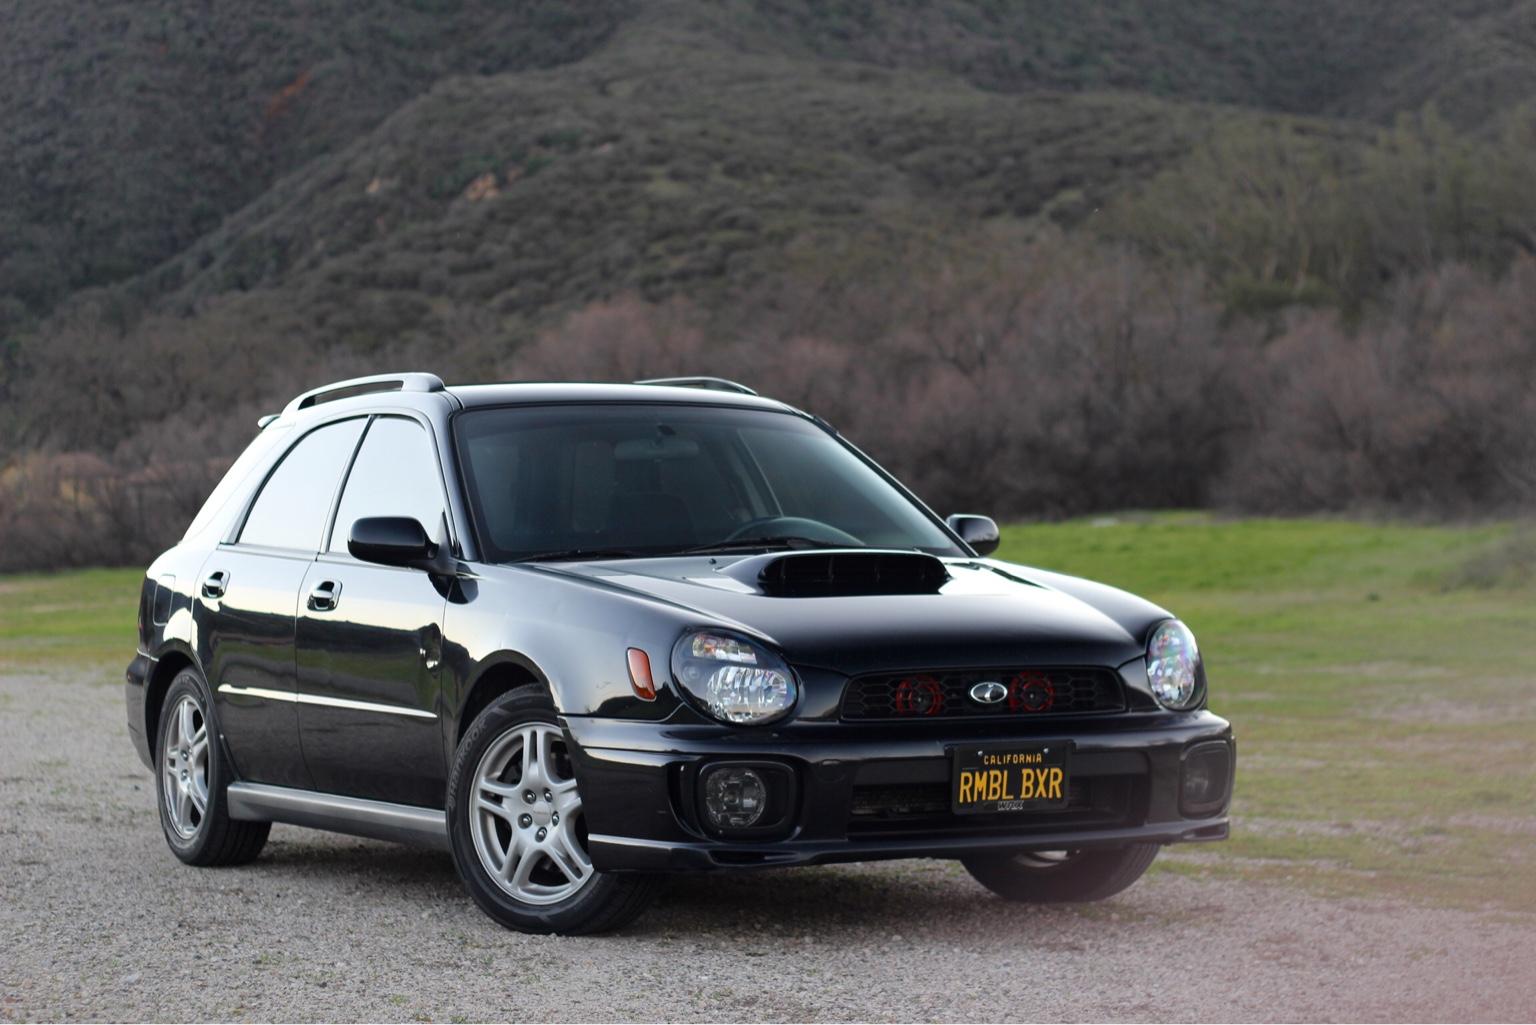 Fs For Sale Ca 2002 Wrx Wagon Midnight Black Pearl Nasioc